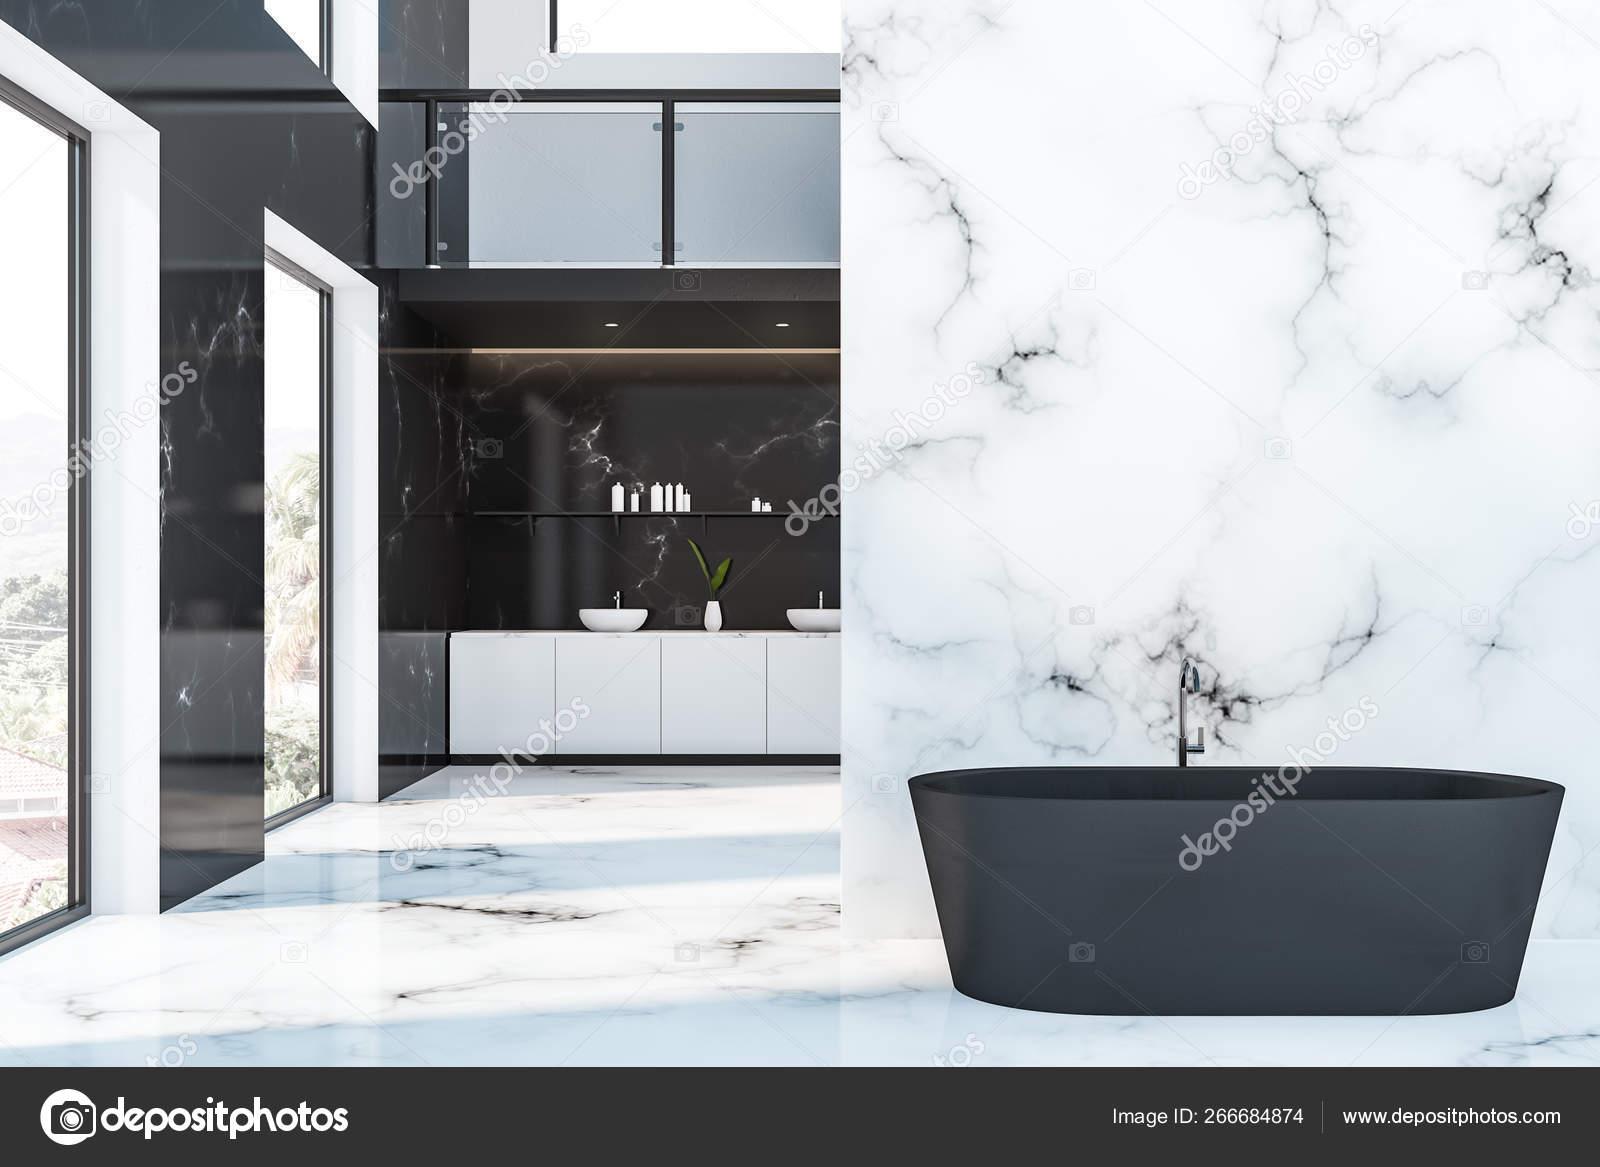 interieur de salle de bain hotel marbre noir et blanc image libre de droit par denisismagilov c 266684874